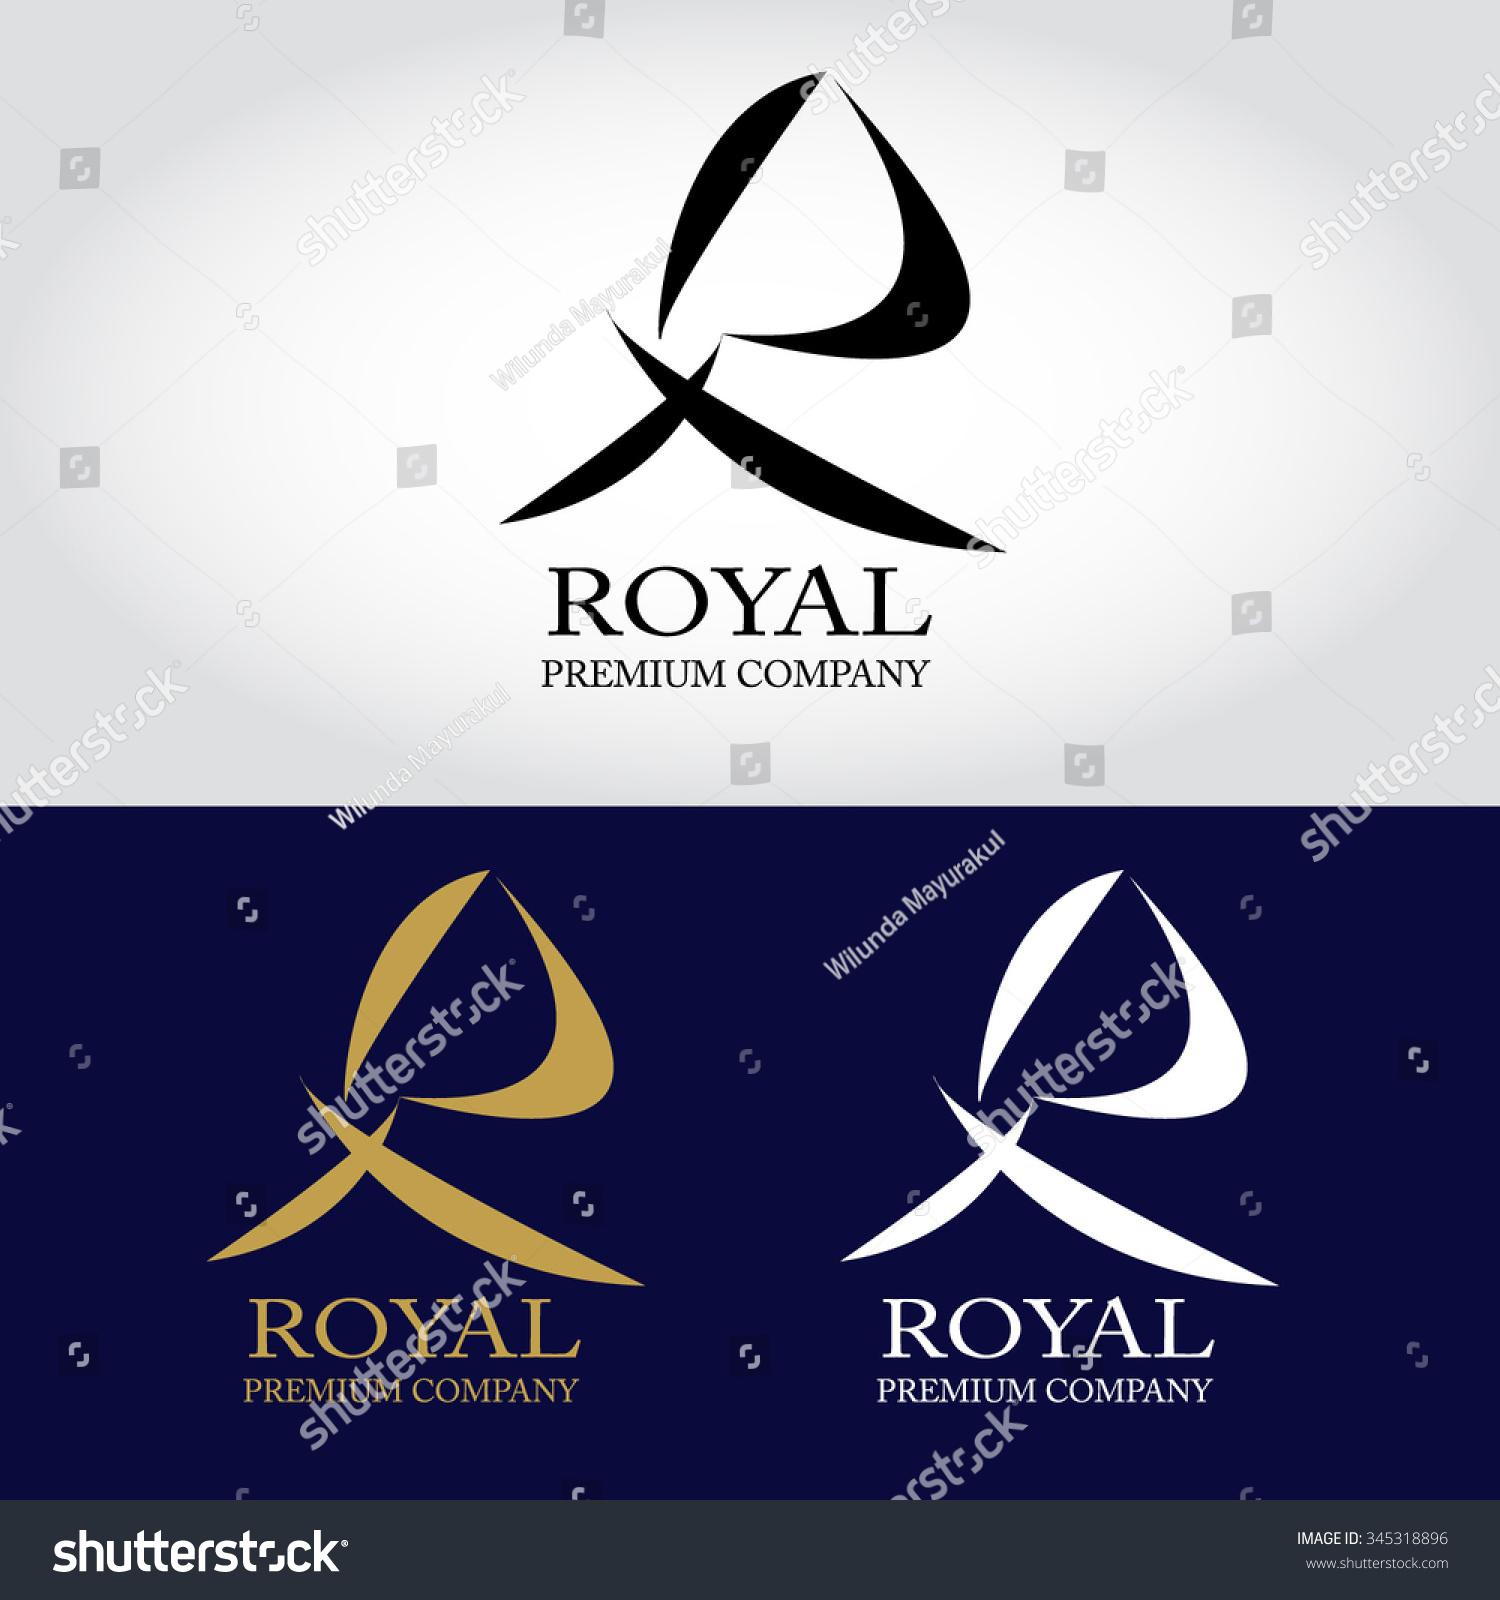 hotel logo kings symbol royal crests stock vector 345318896 shutterstock. Black Bedroom Furniture Sets. Home Design Ideas